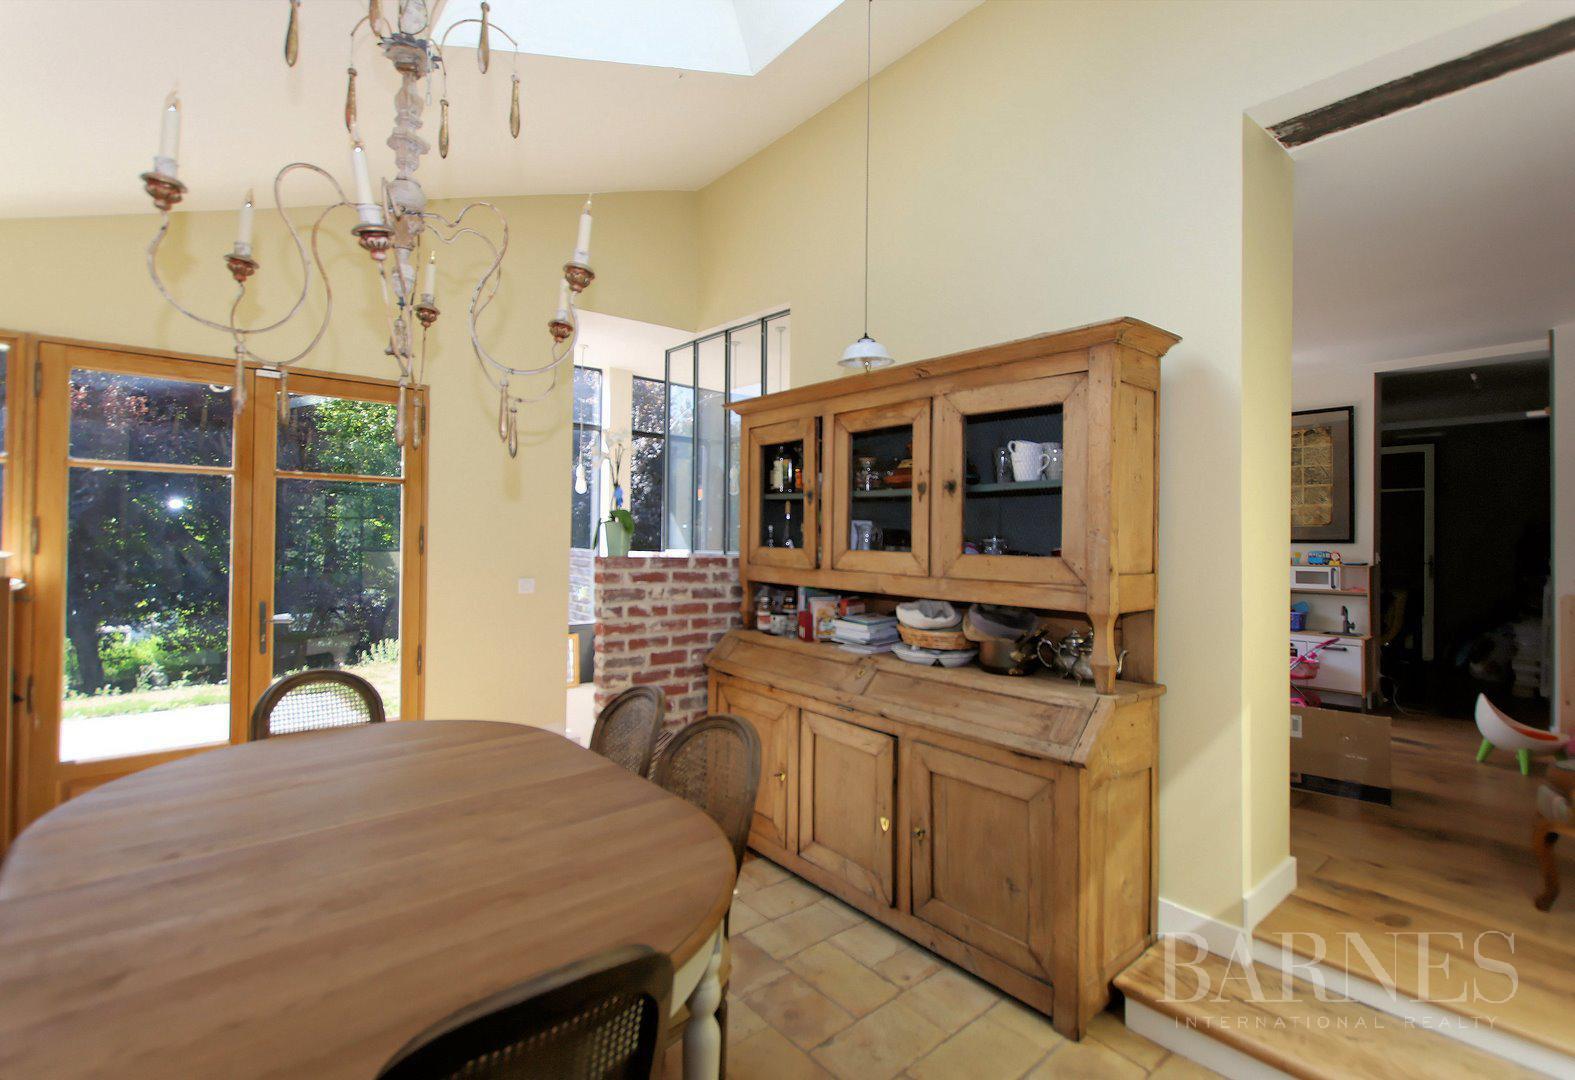 HOUSE FOR SALE - ILE DE MIGNEAUX - POISSY - 4 BEDROOMS - POOL picture 5